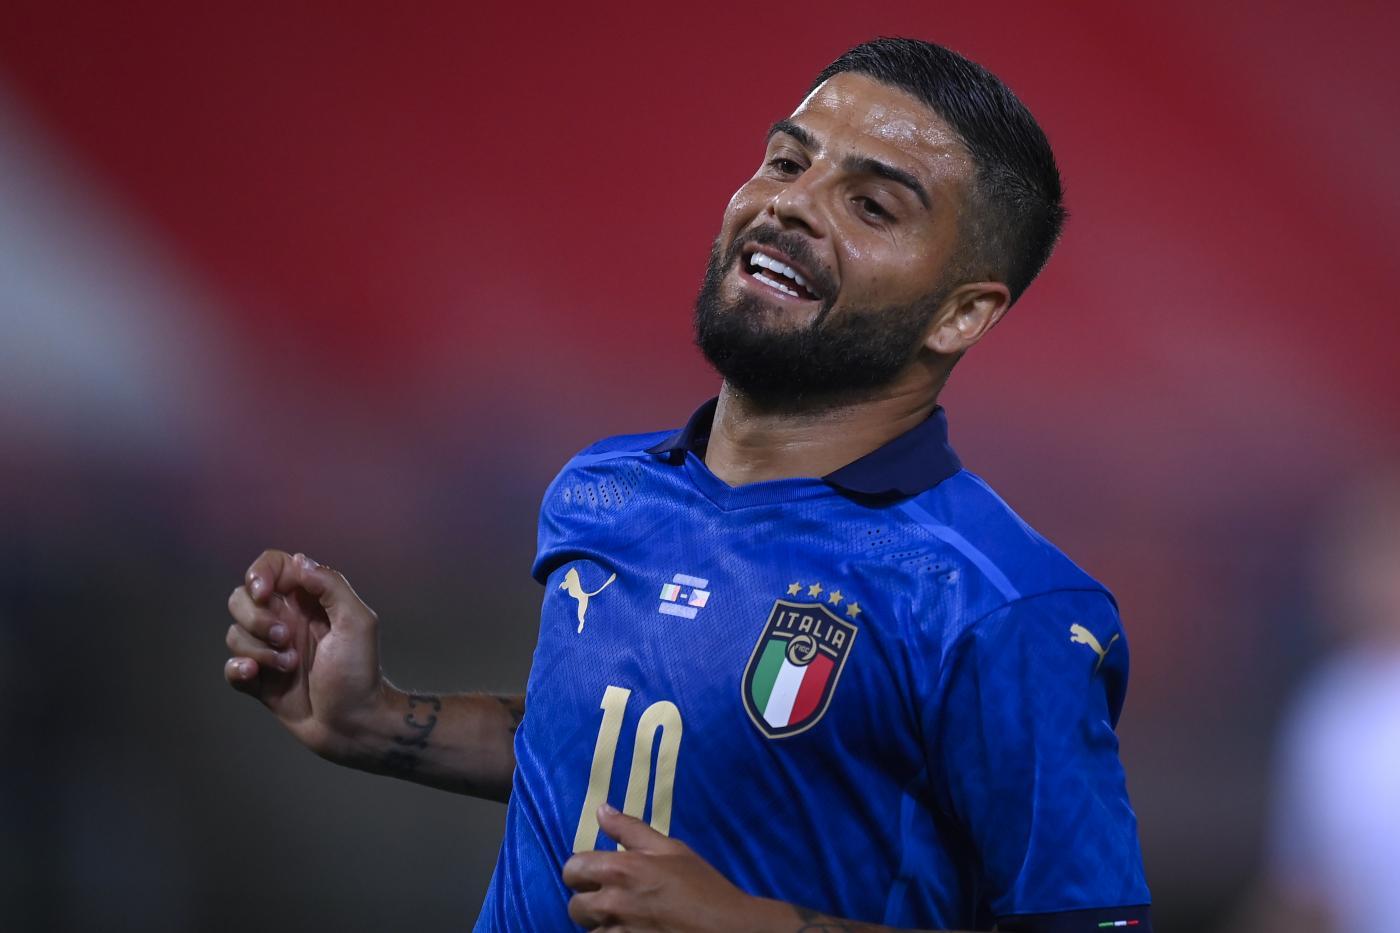 Pronostici chat Blab Live pronostico europei Euro 2020 Ungheria-Portogallo Francia-Germania marcatori Cristiano Ronaldo CR7 Mbappè